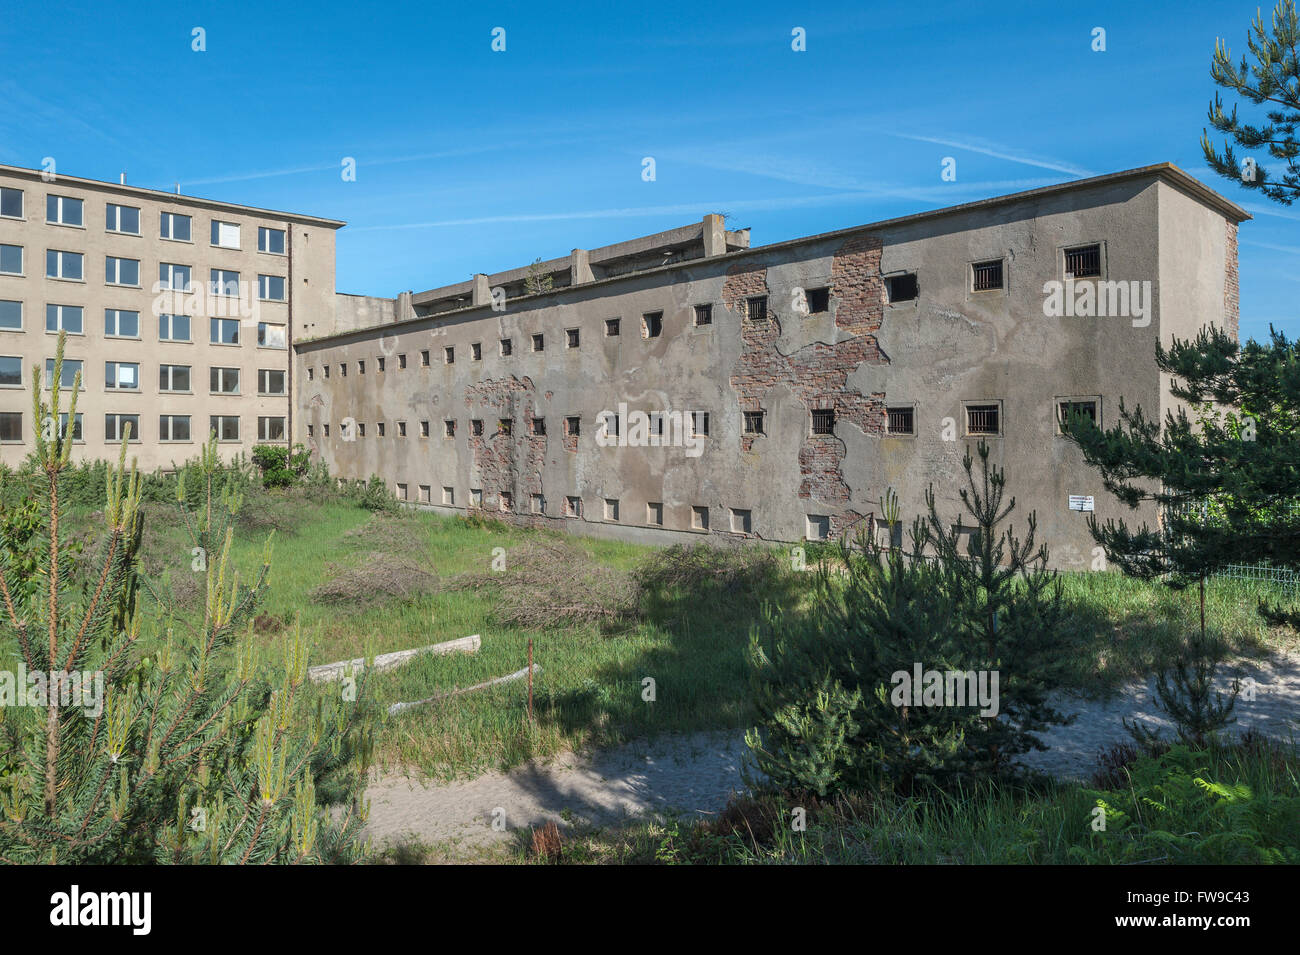 Prison, former seaside resort Rügen of the Kraft durch Freude or KdF organization, unfinished major project - Stock Image